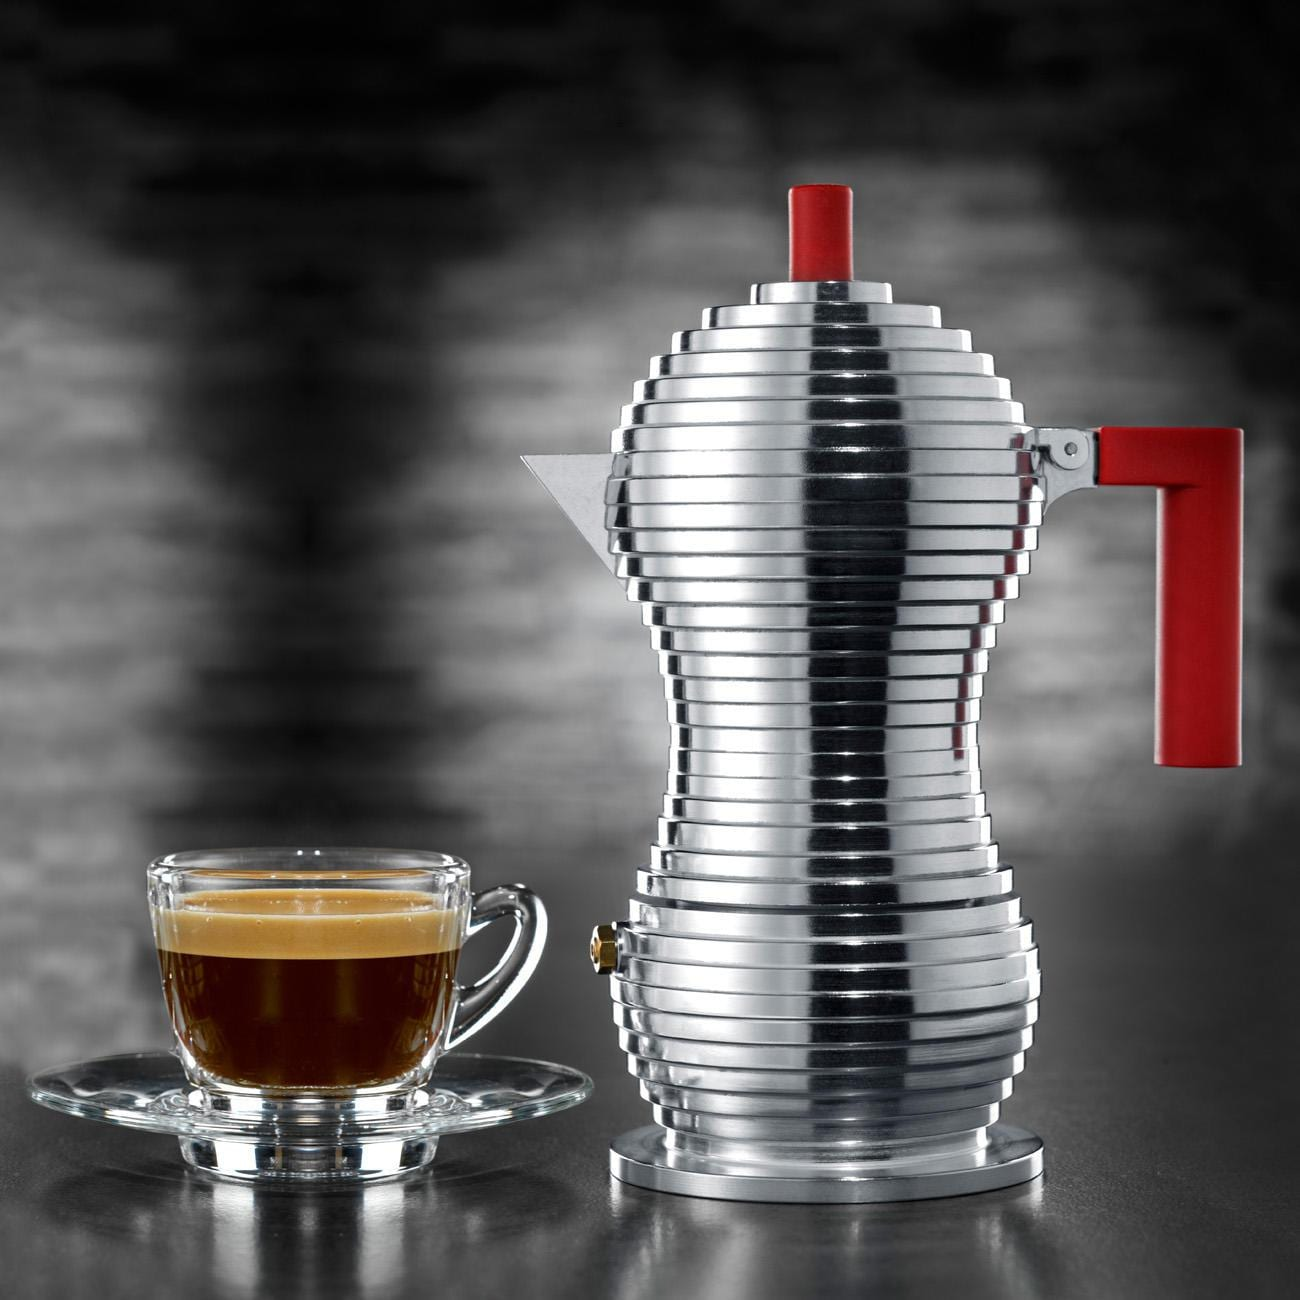 Ονειρικά Design Αντικείμενα από την Alessi.